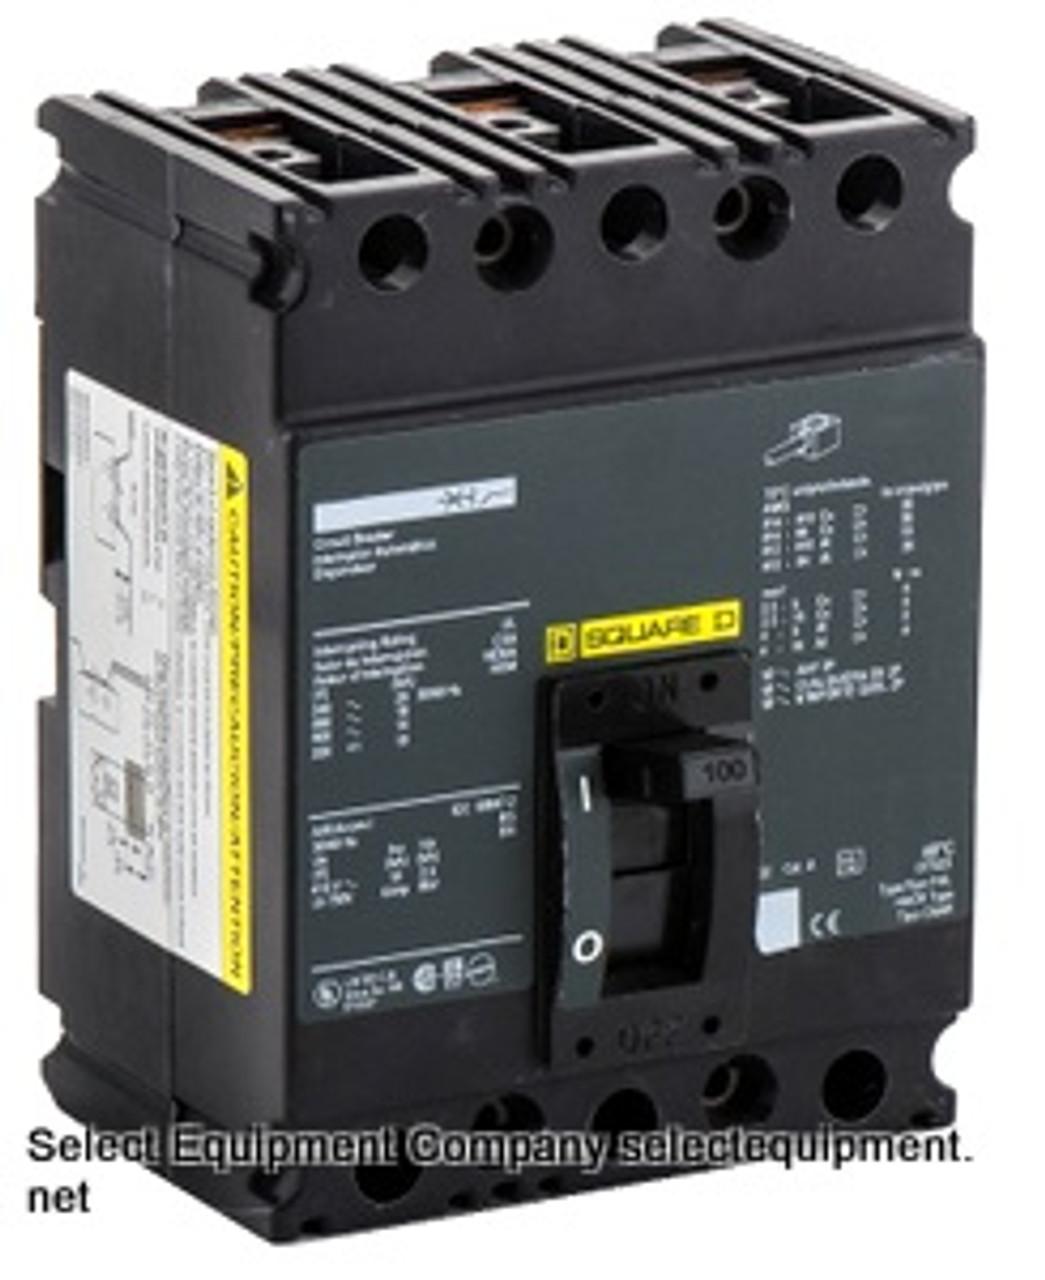 Square D 100 Amp FHL36000M4200 600 V Breaker